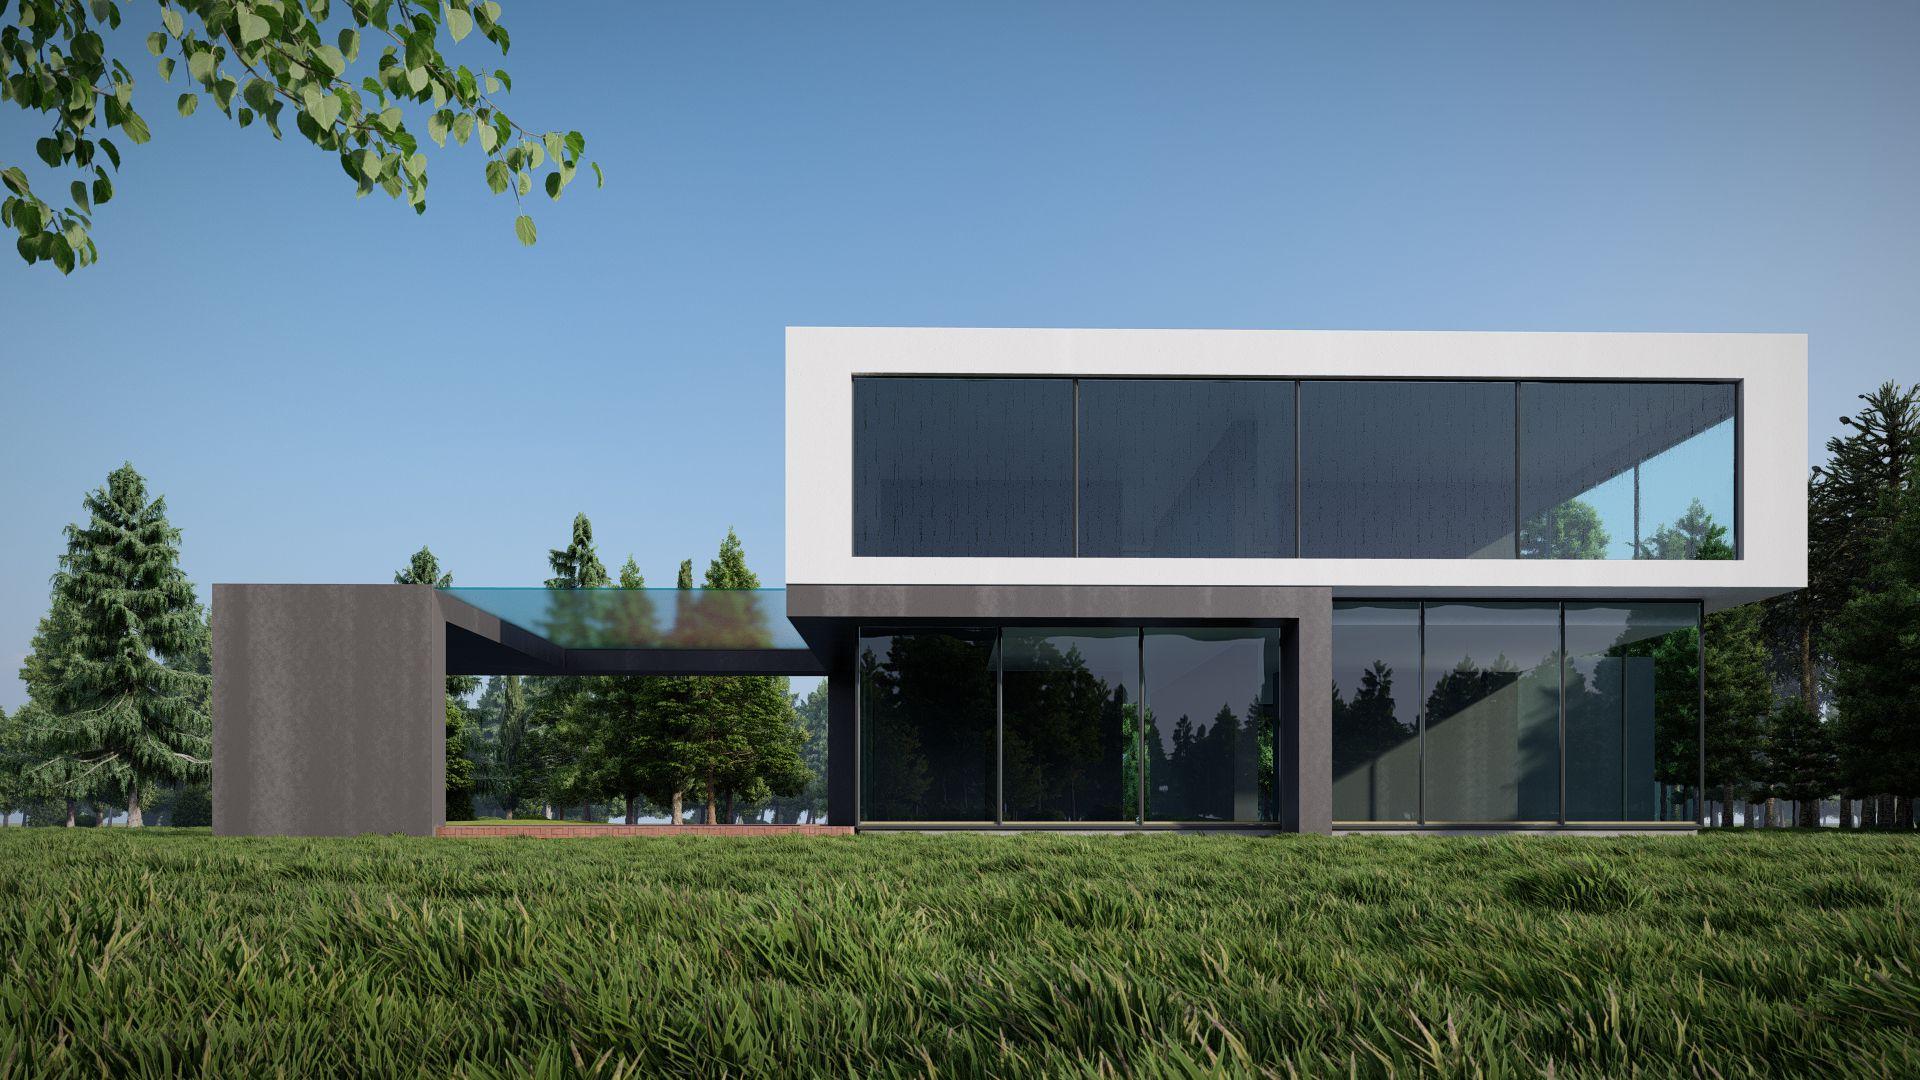 arhitektuurne 3d pilt hoone visualiseerimine 46